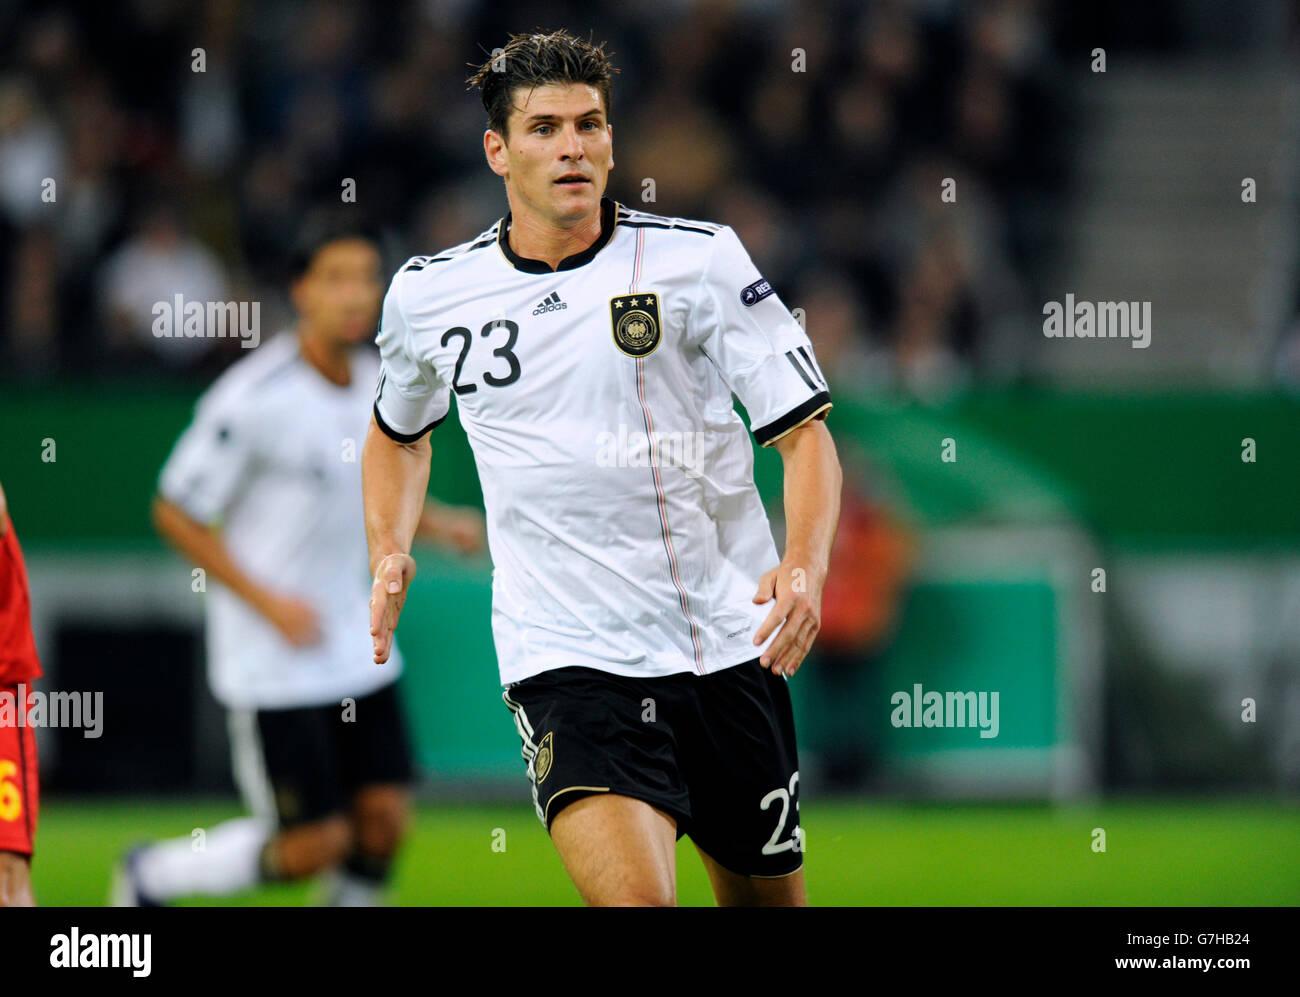 Mario Gomez, Alemania, calificación de fútbol coinciden con el campeonato europeo de la UEFA 2012, Alemania Imagen De Stock